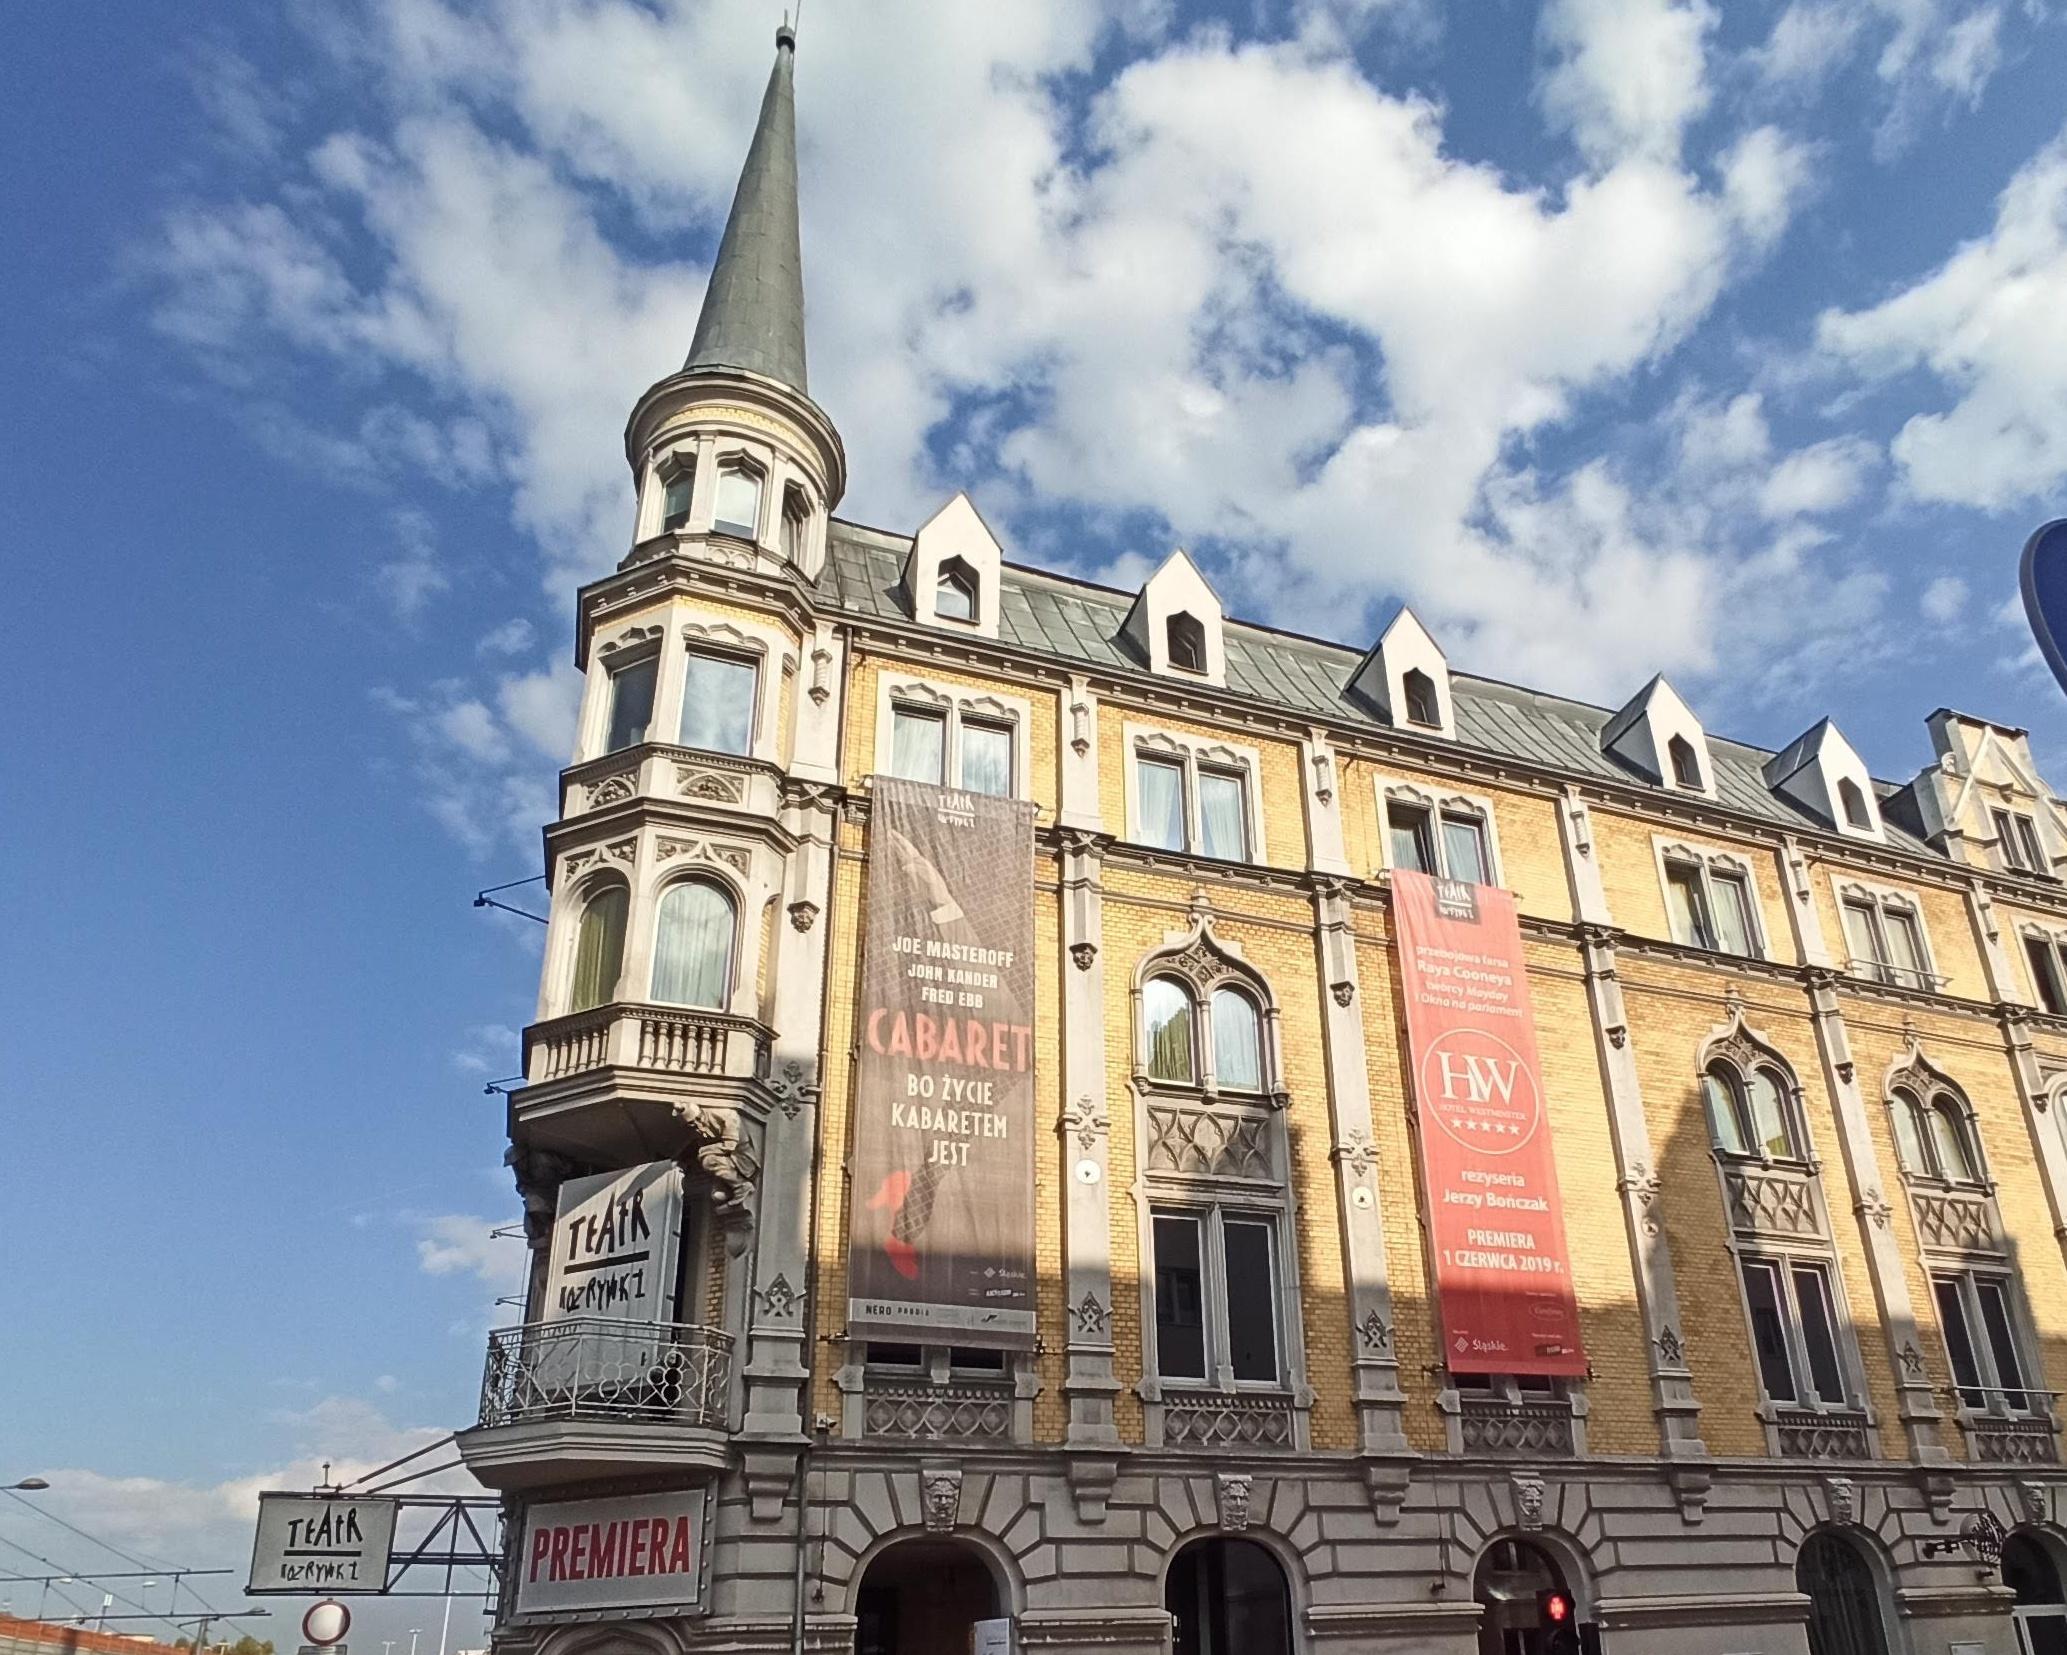 Teatr Rozrywki wraca do gry! Wielkie otwarcie już 29 maja